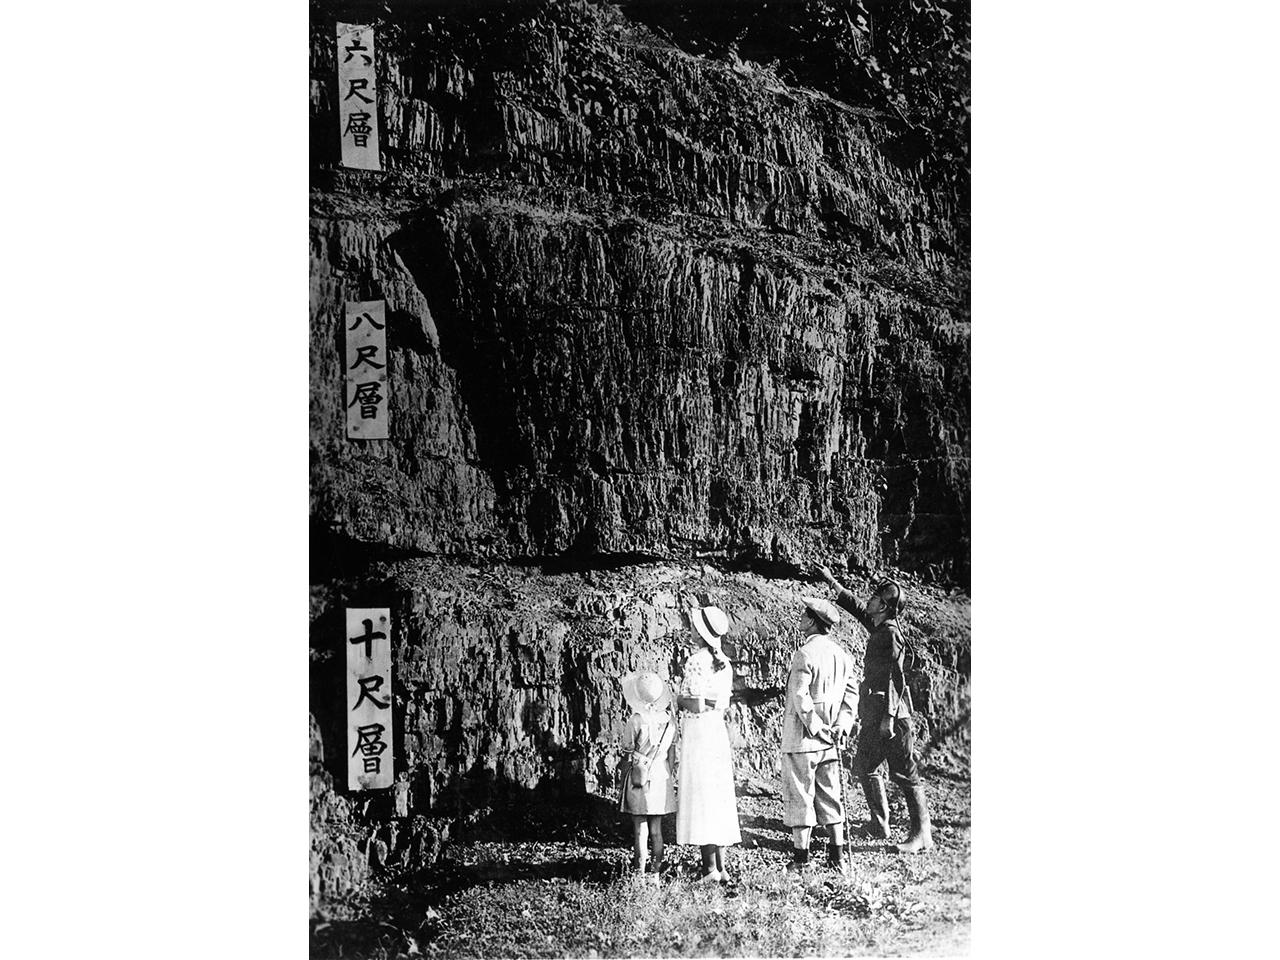 画像:夕張の石炭大露頭「夕張24尺層」(3)